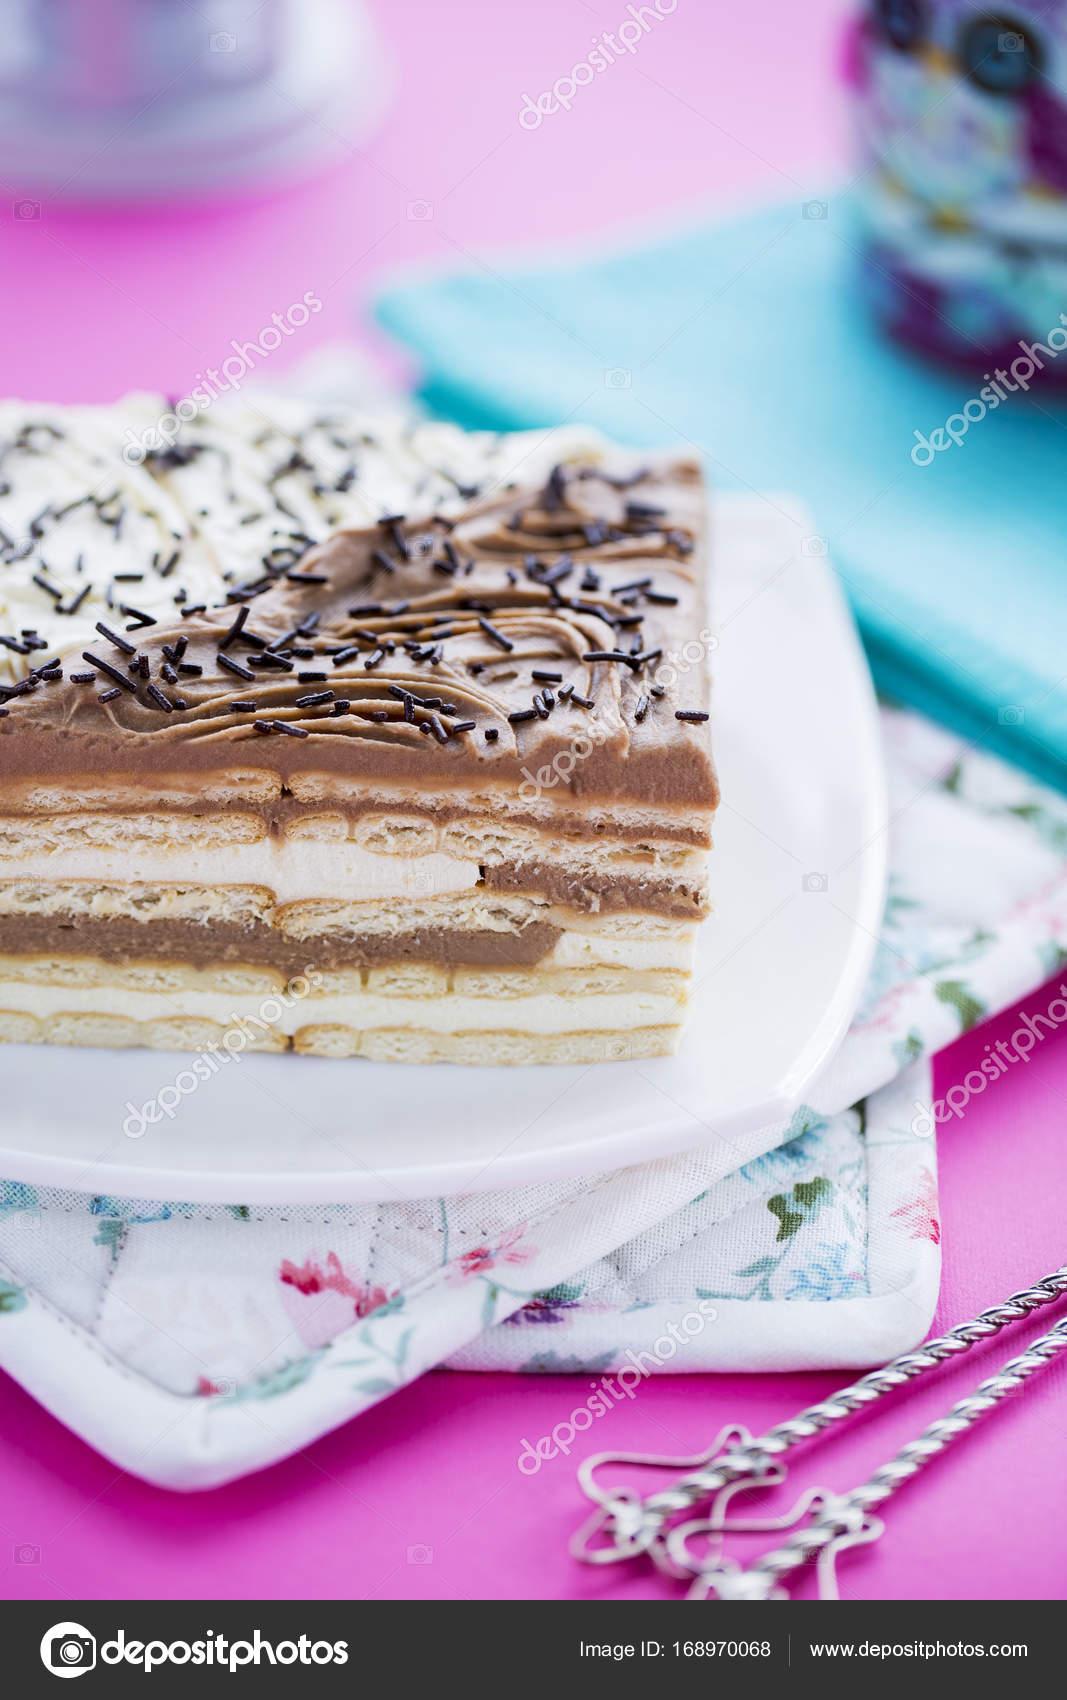 születésnapi tortadíszek Születésnapi torta Tortadíszek, csokoládé és vanília rétegek  születésnapi tortadíszek